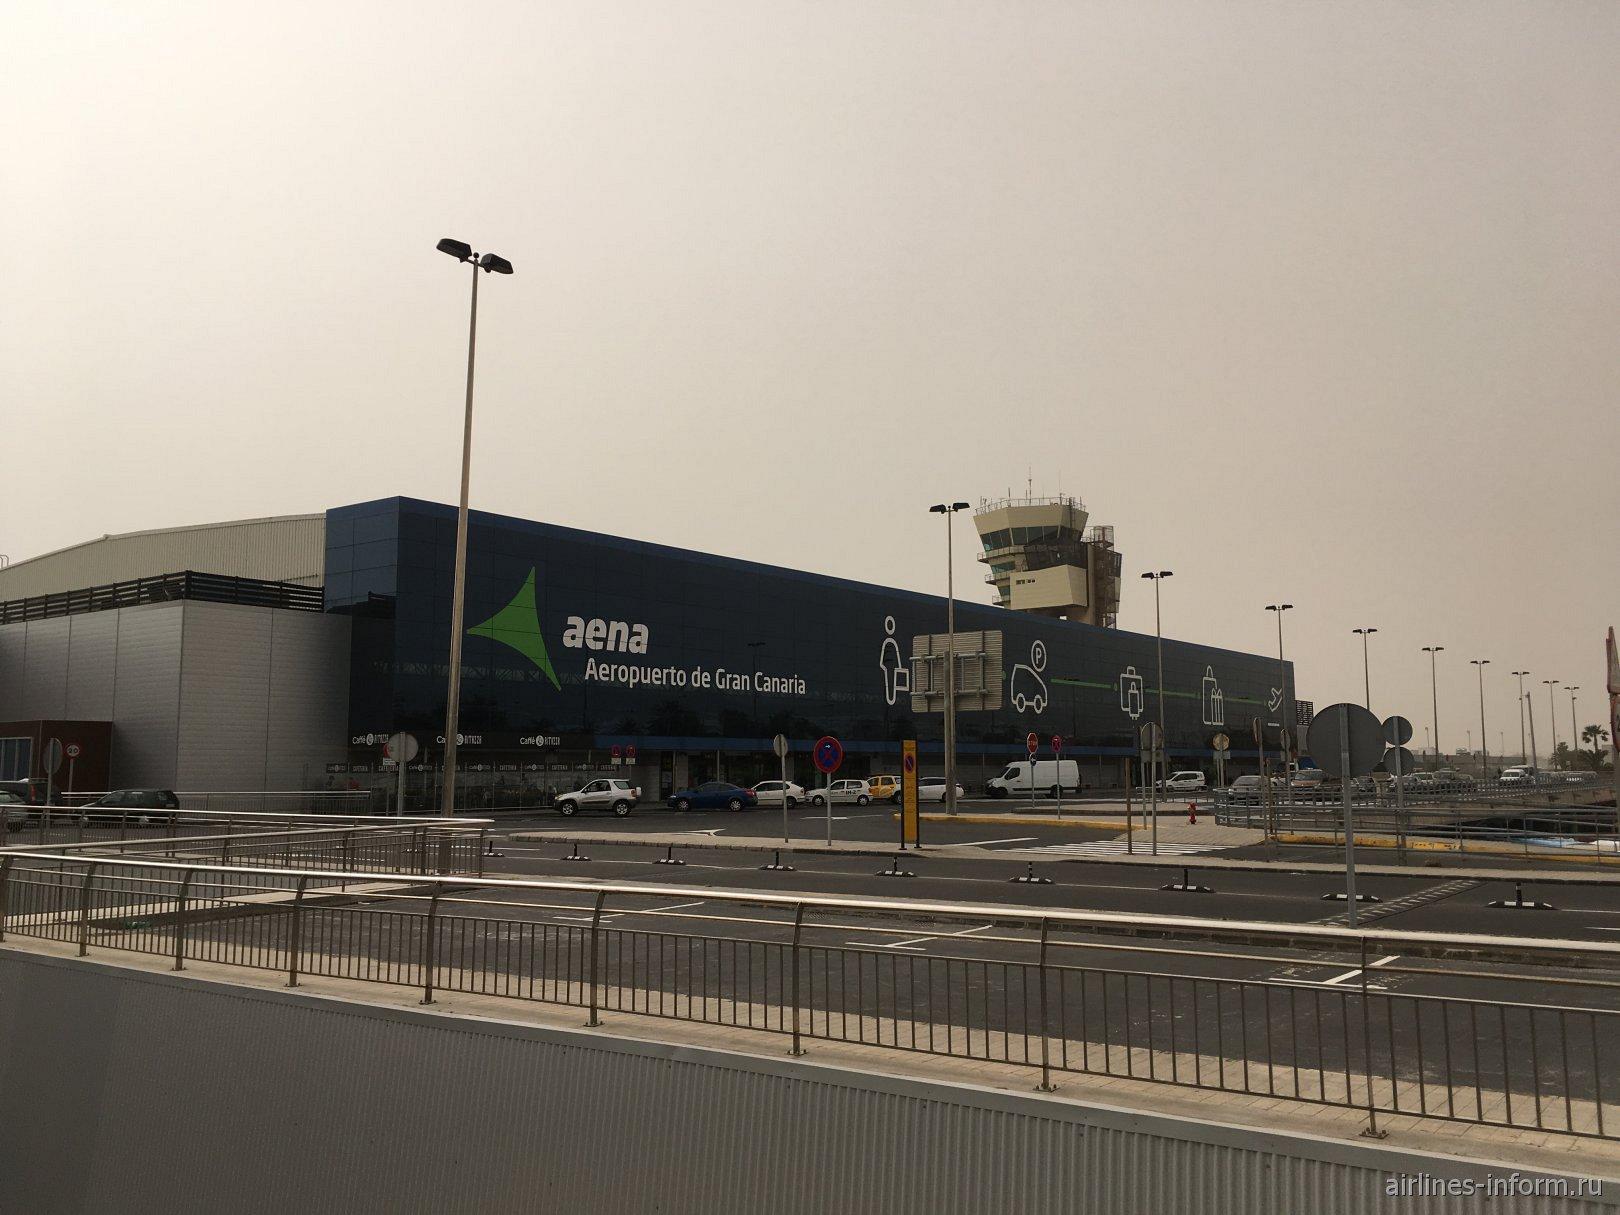 Пассажирский терминал и диспетчерская вышка аэропорта Гран-Канария